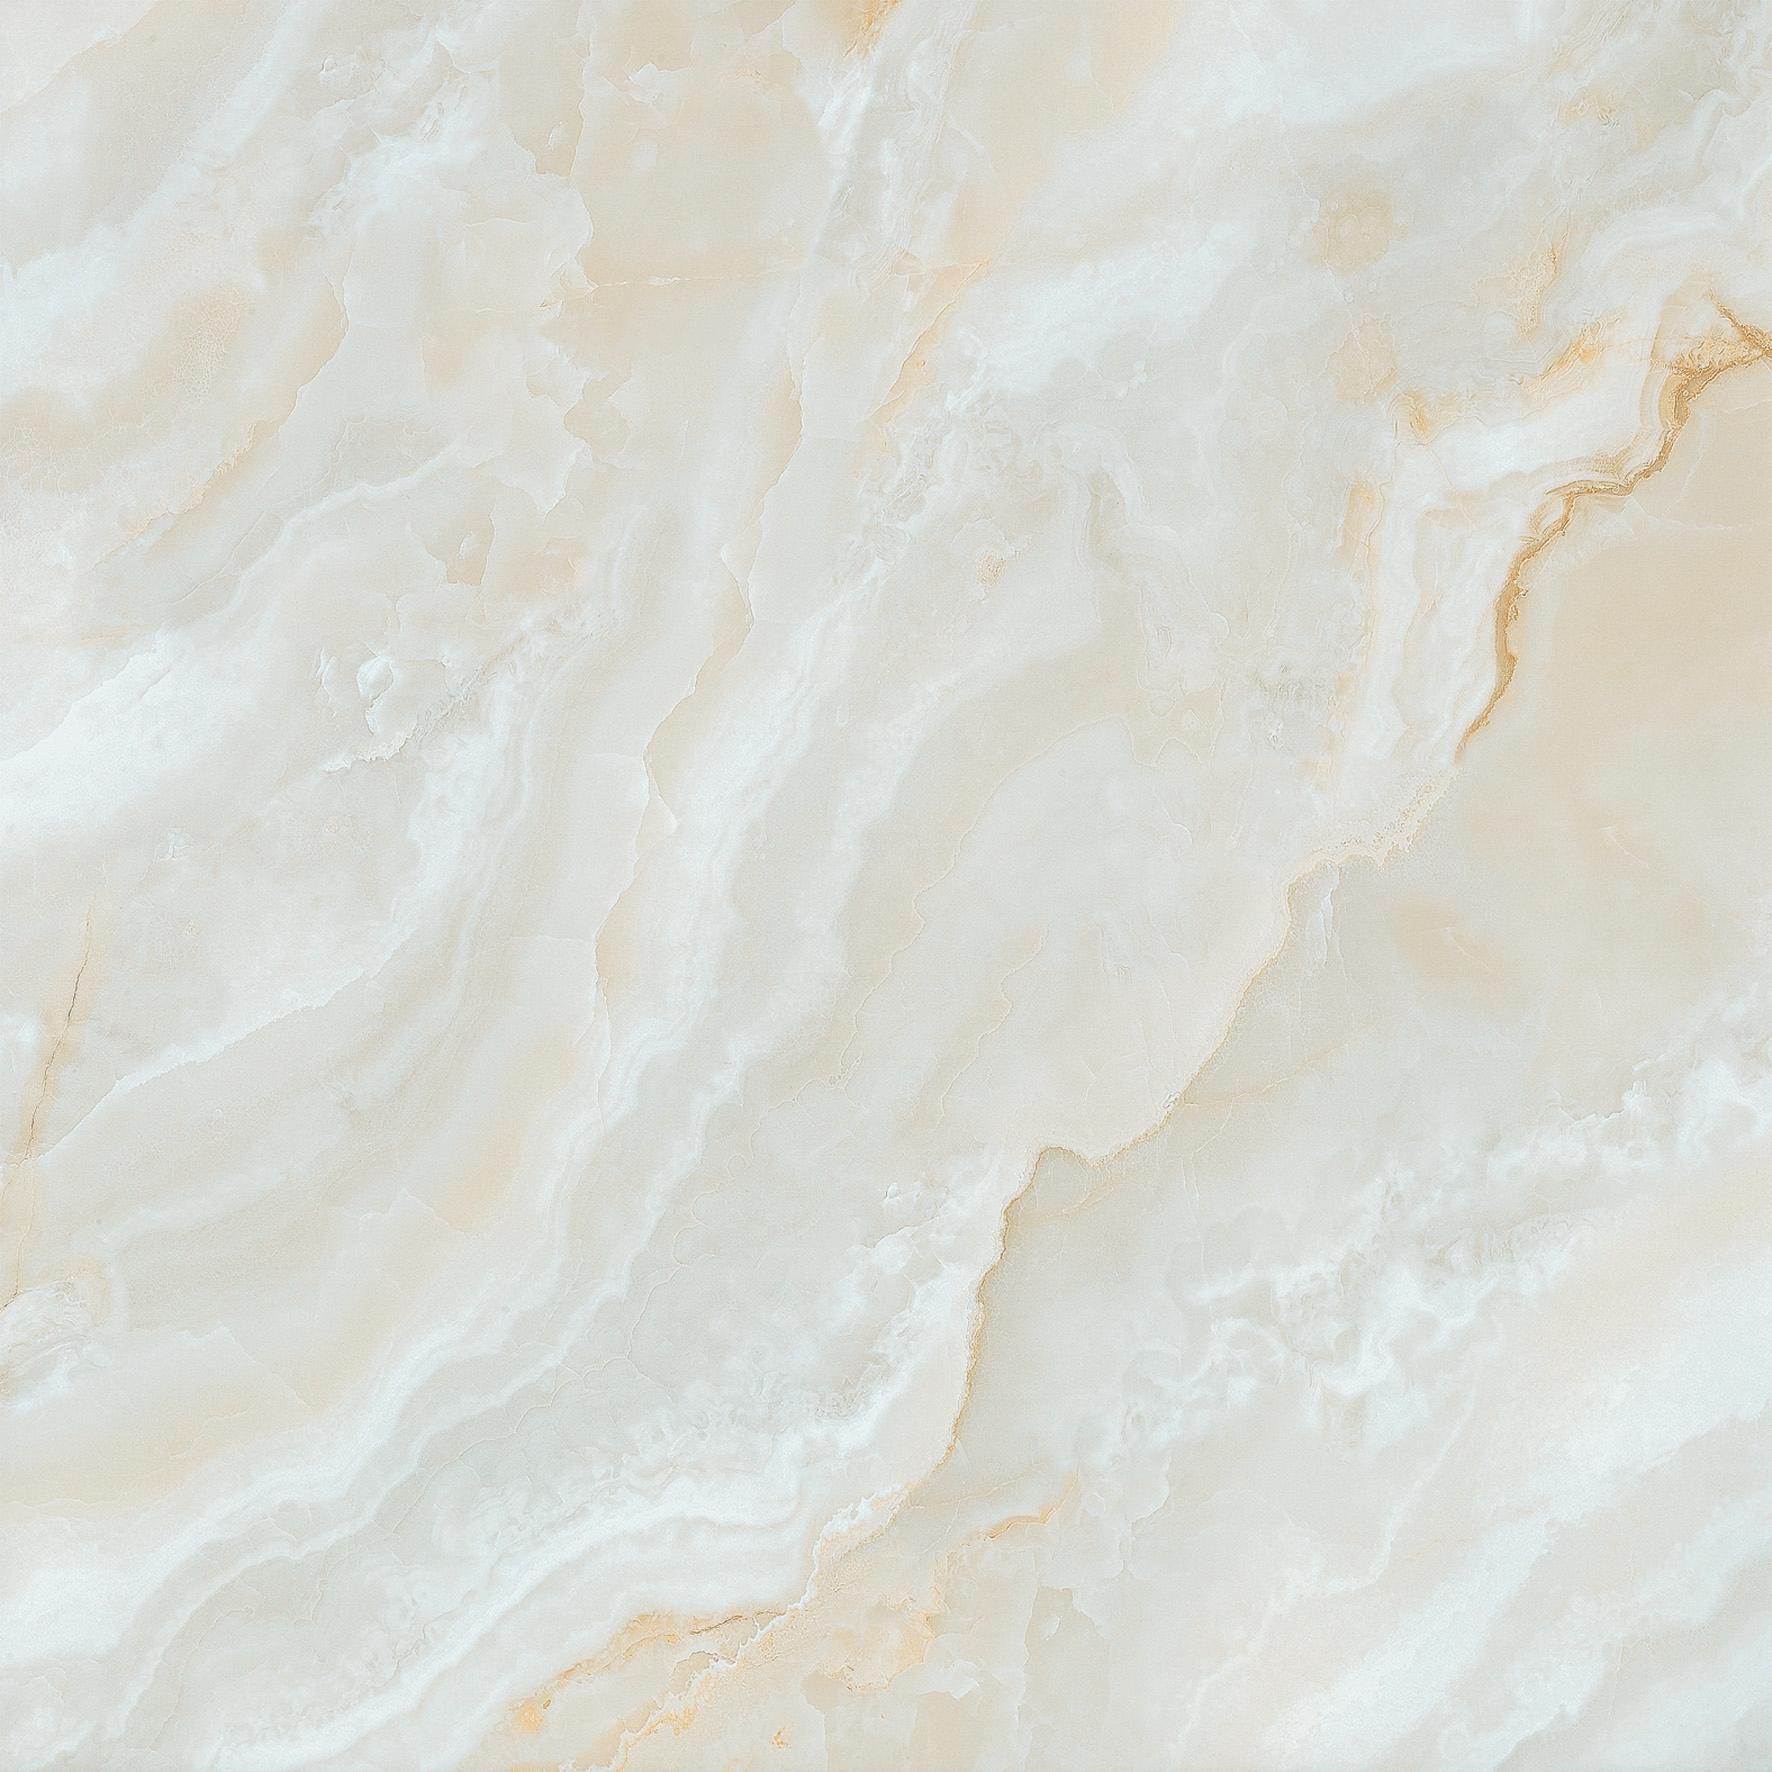 新濠陶瓷·超平釉系列·白脂玉X1PA 8023